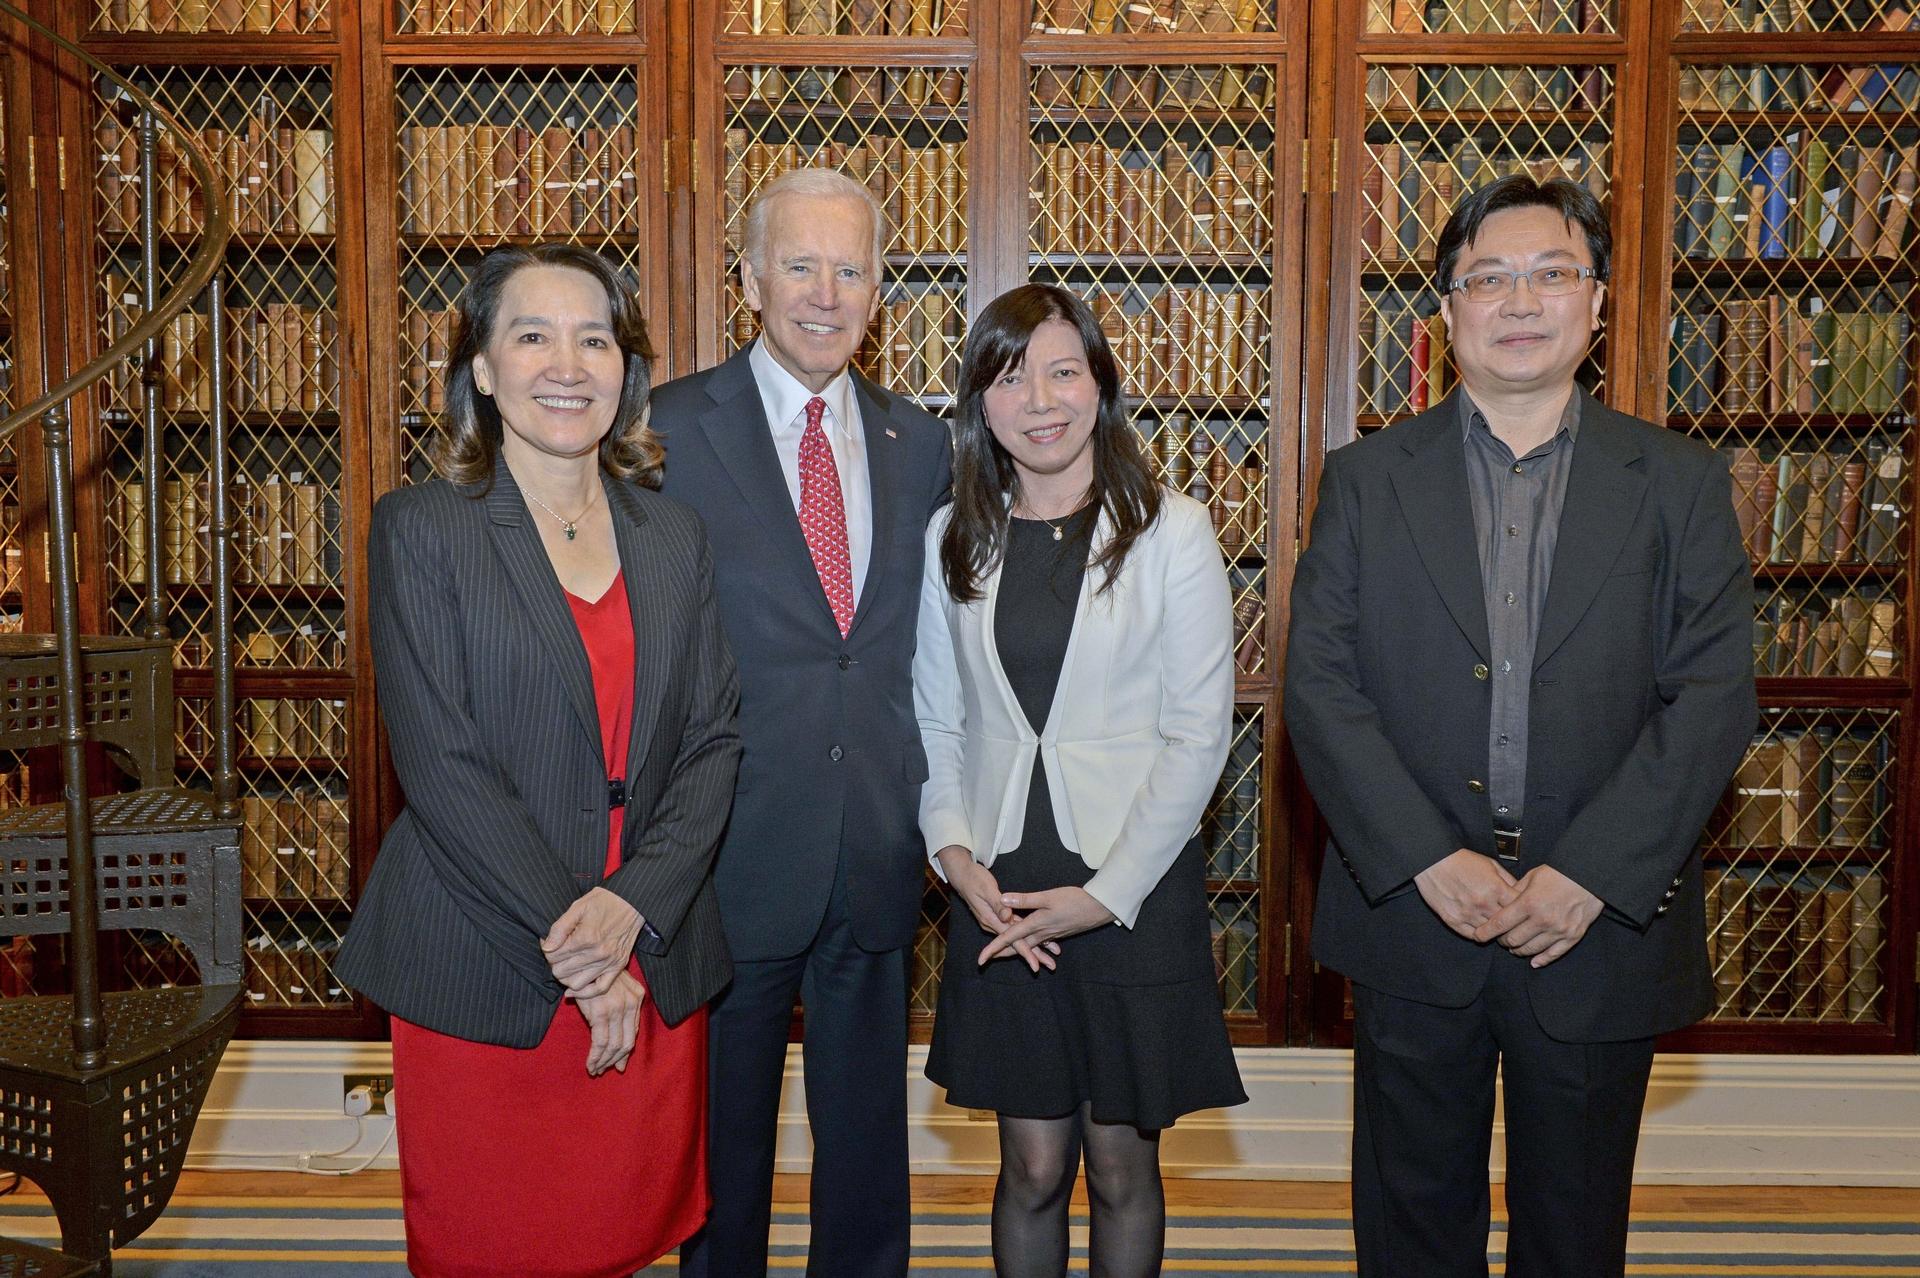 臺灣癌症登月計畫團隊參與領袖會議,陳玉如與當時的美國副總統拜登合影。 圖│陳玉如